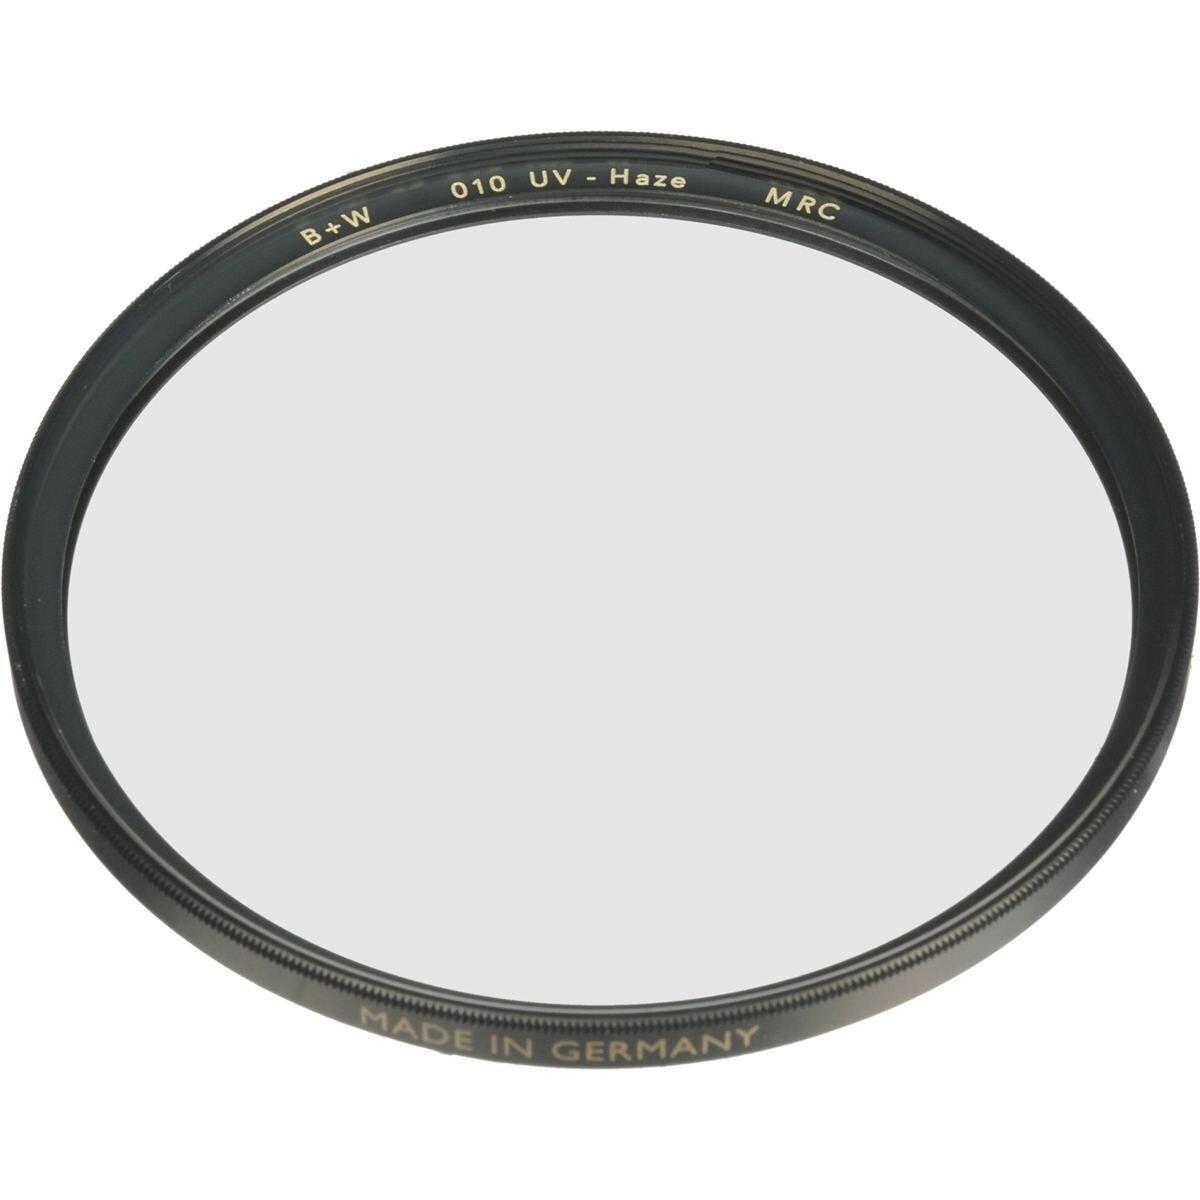 B+W UV Filter 55mm MRC